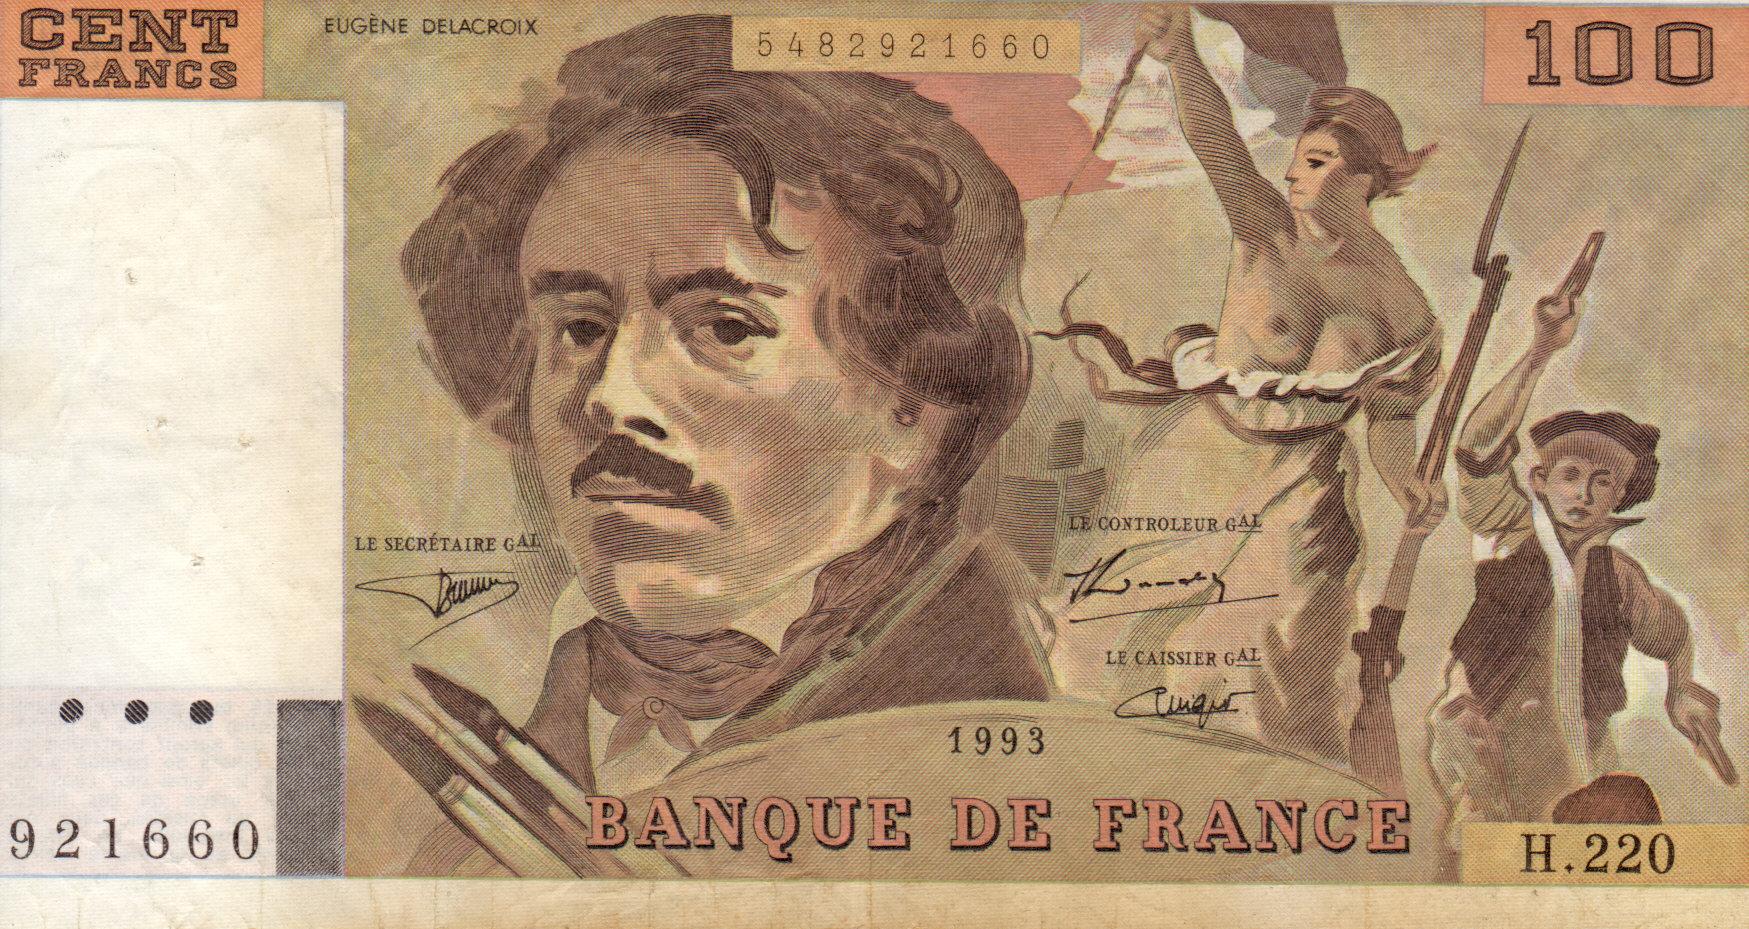 Hundred_franc_note_delacroix_1993